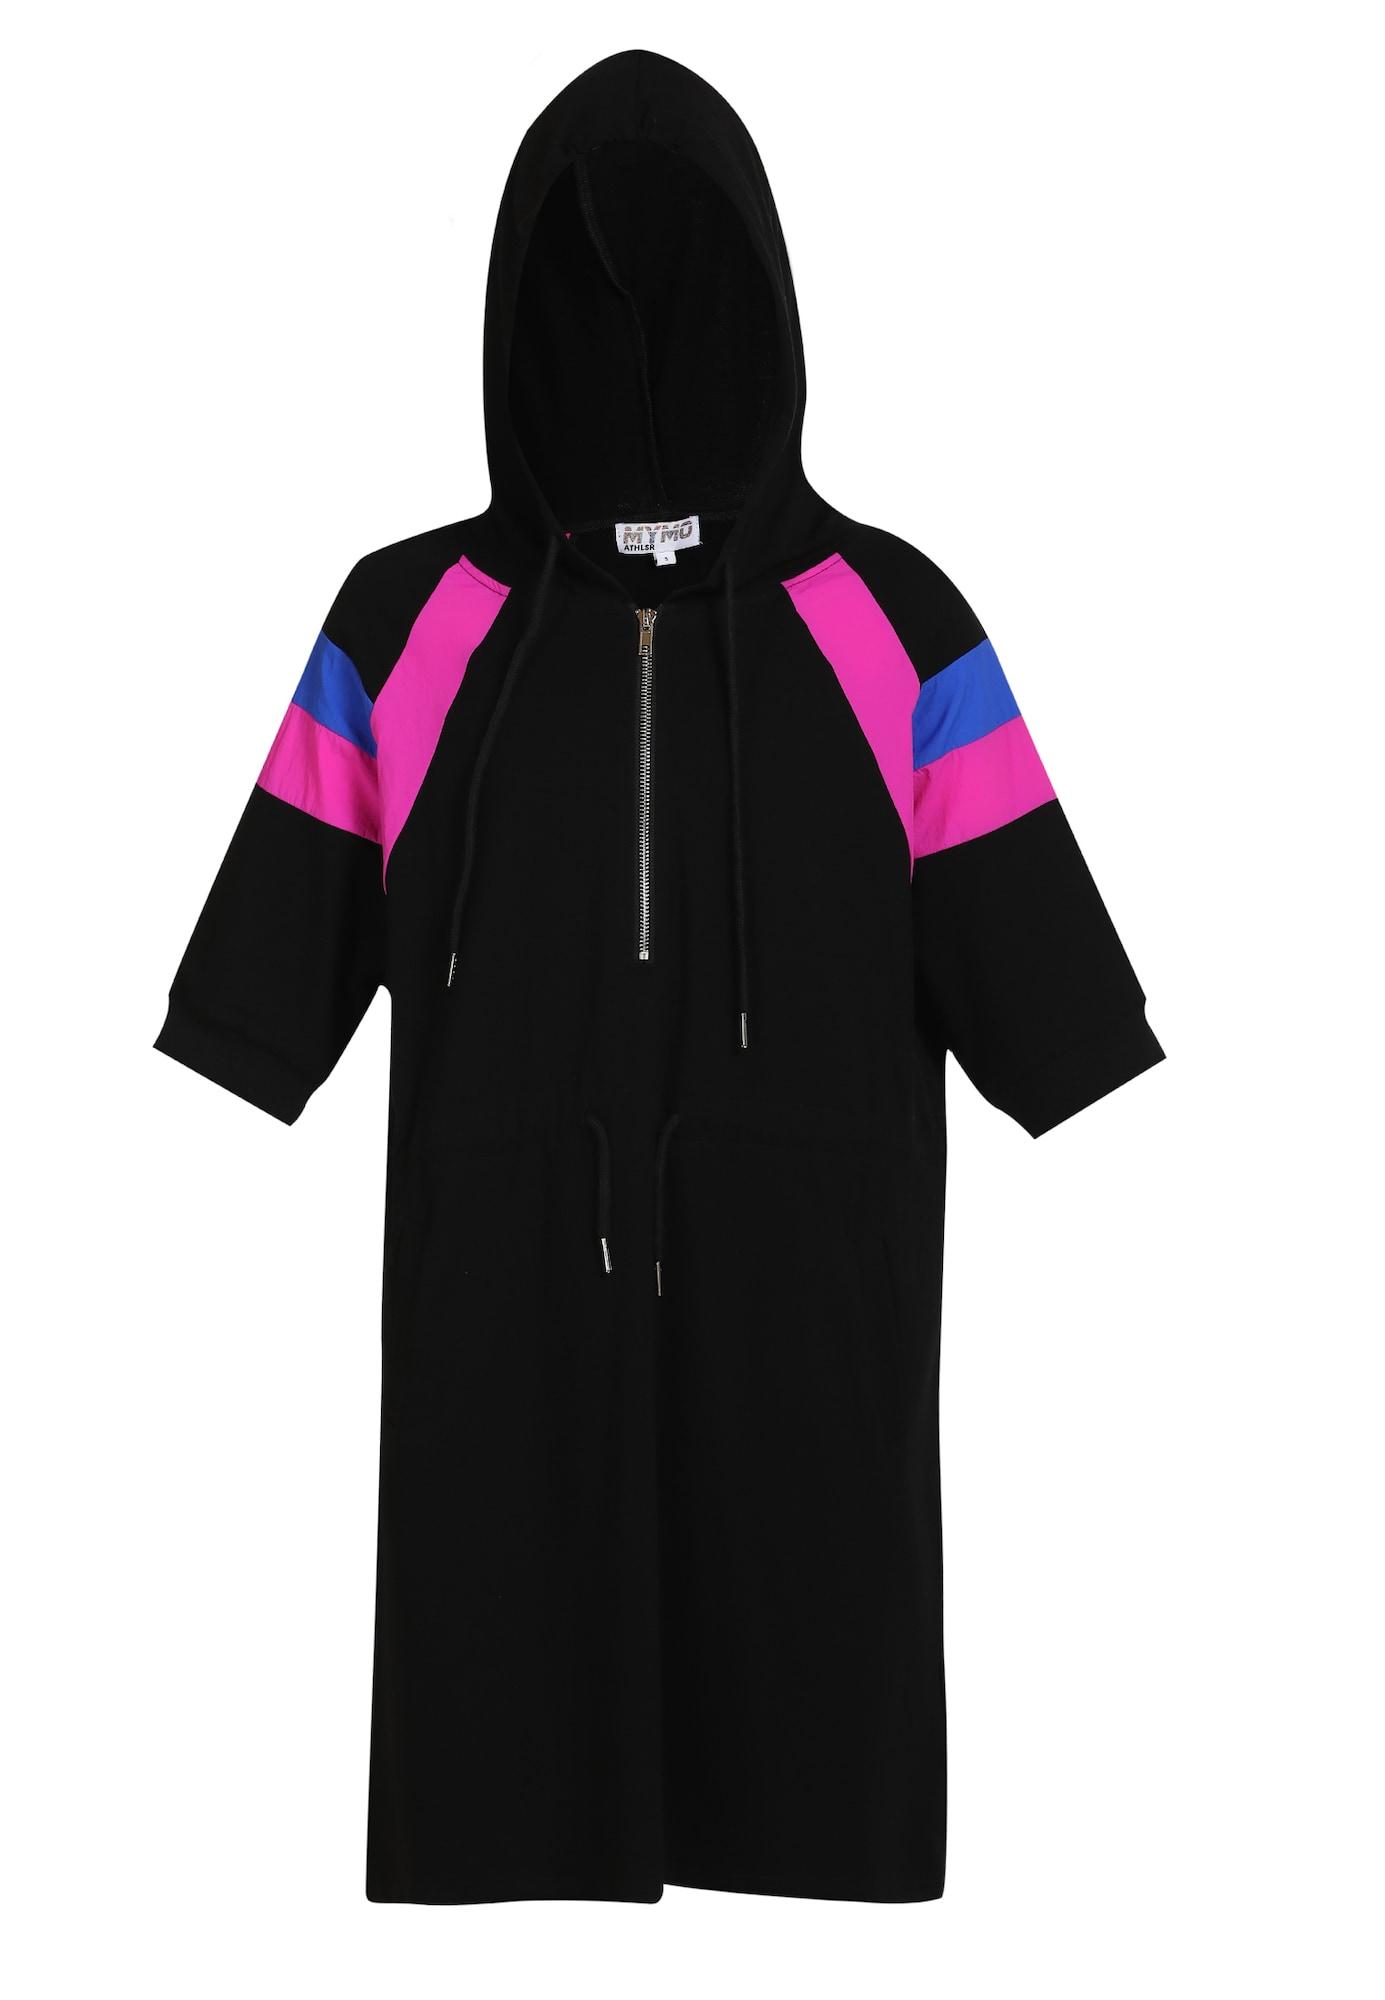 myMo ATHLSR Sportinė suknelė mėlyna / juoda / fuksijų spalva